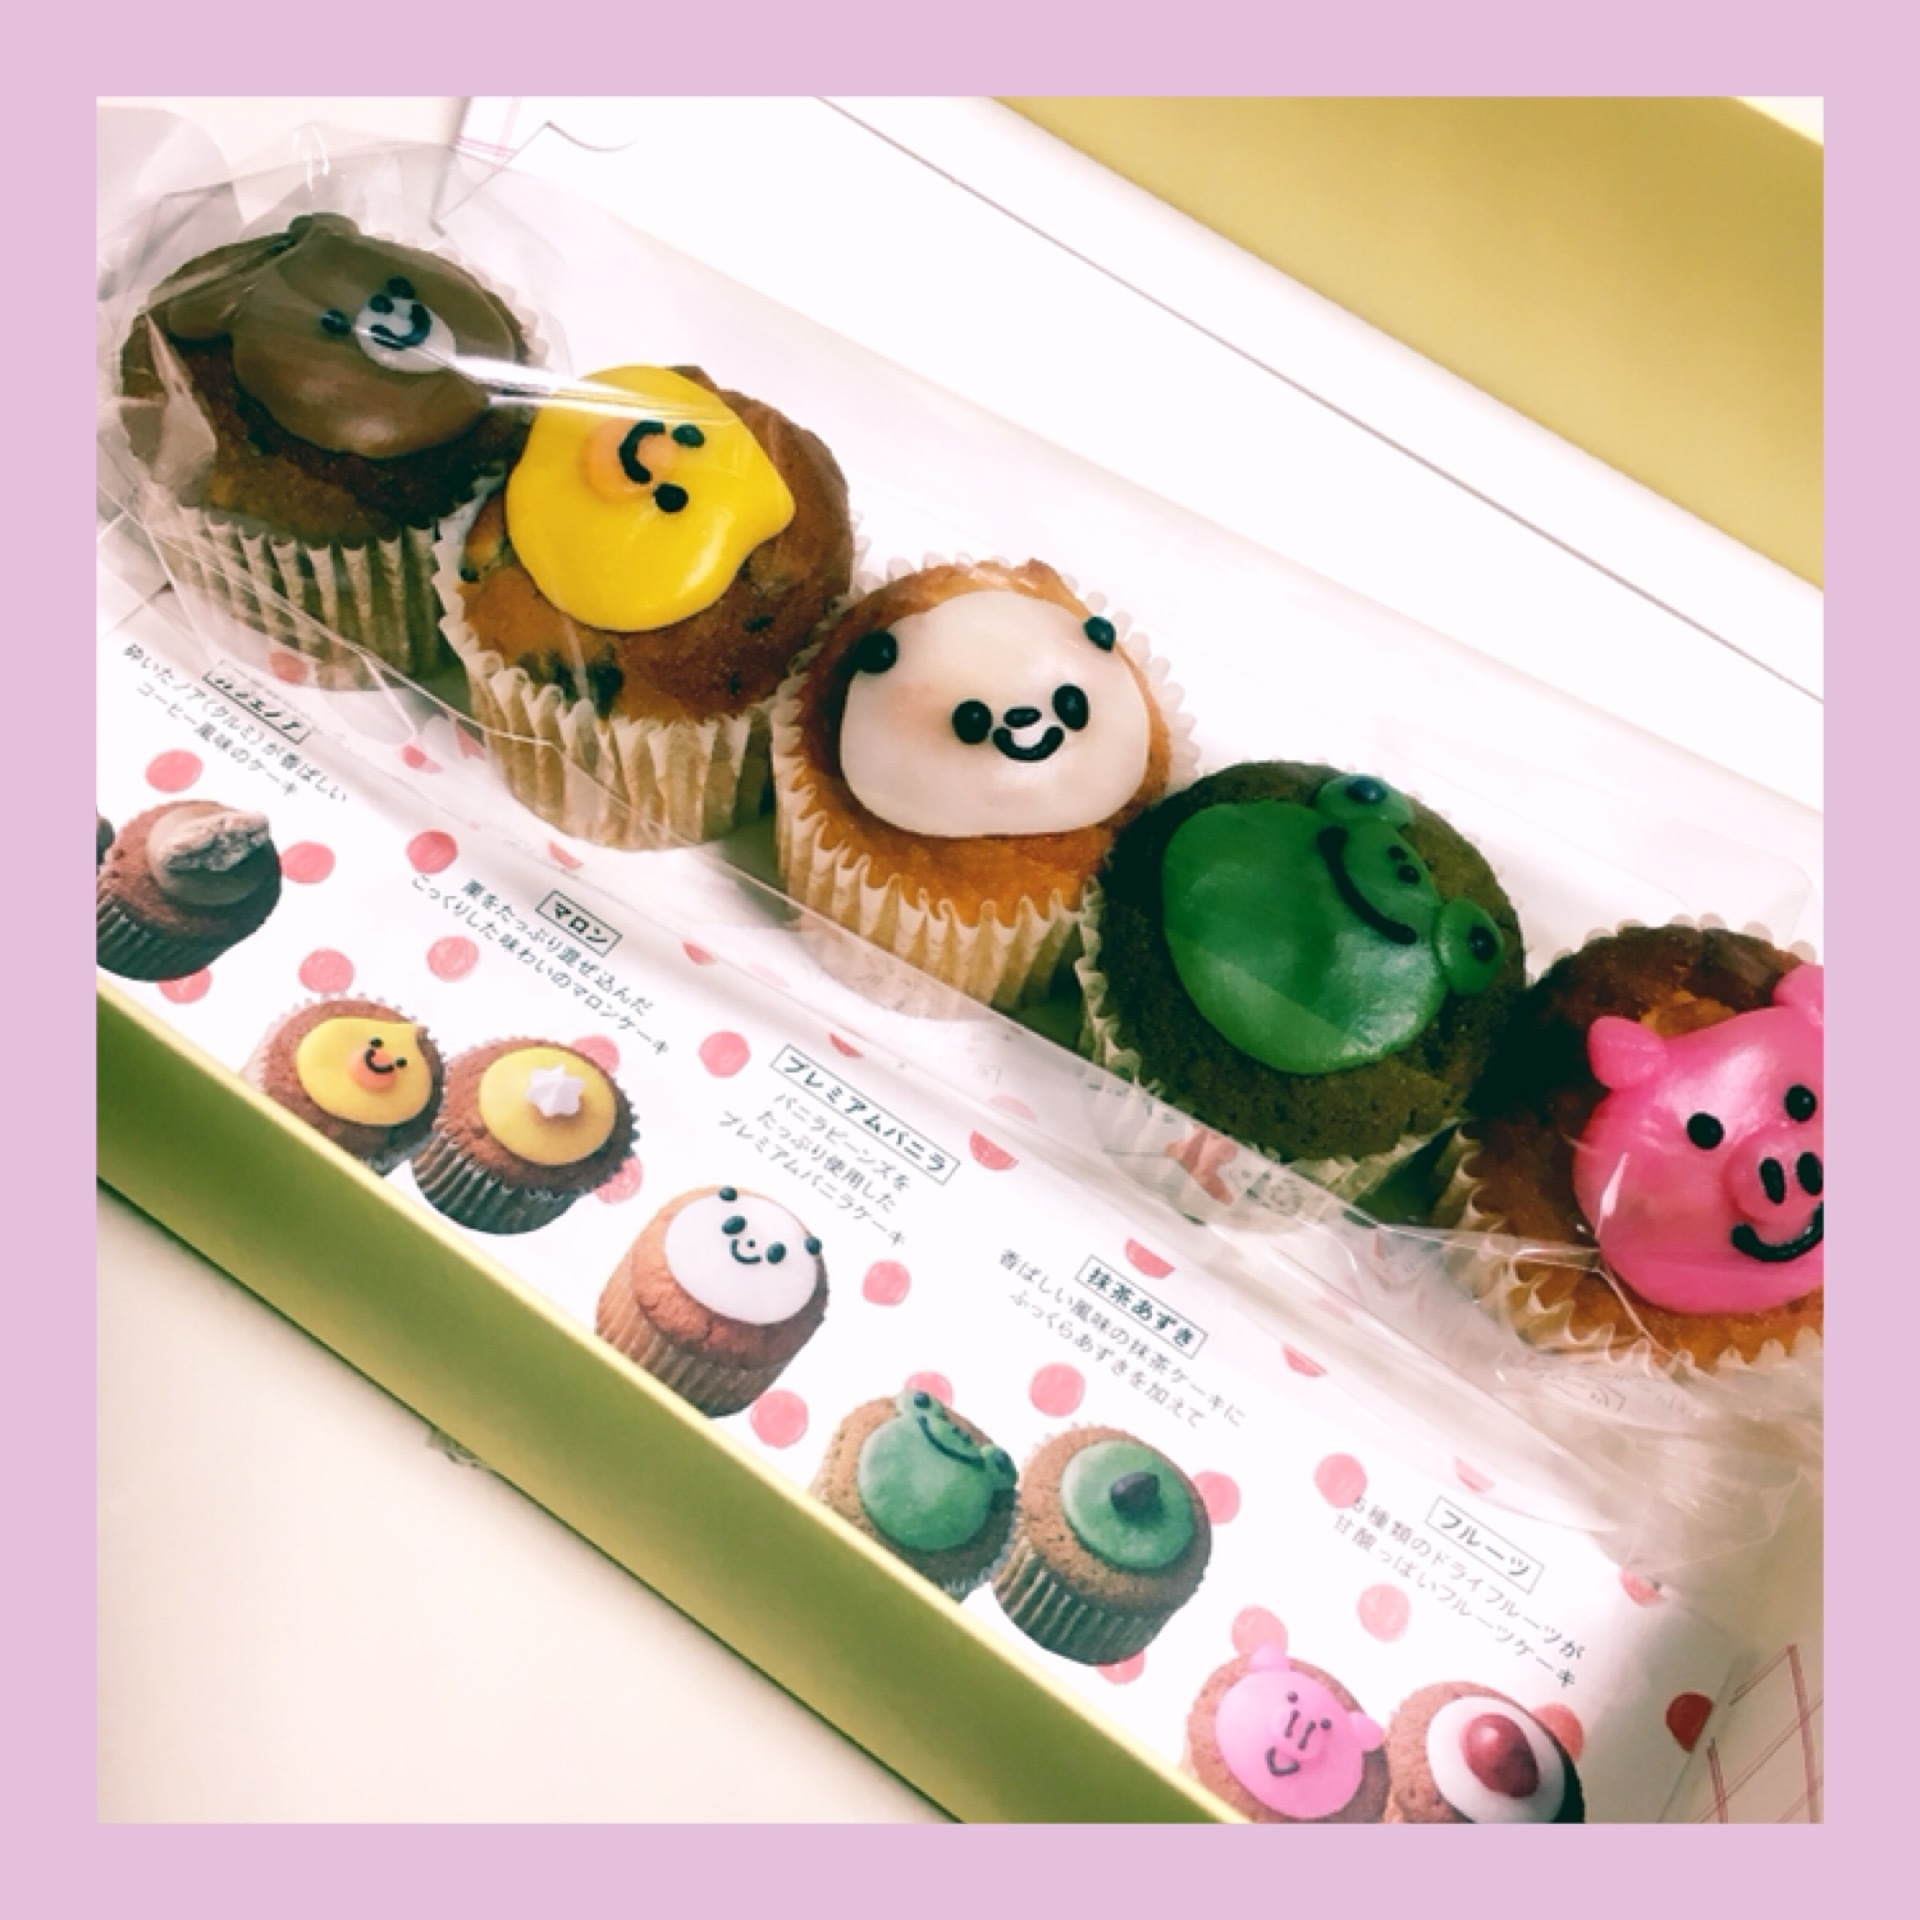 【Fairycake Fair】BAEカワイイ!♡アニマルカップケーキ♡_1_2